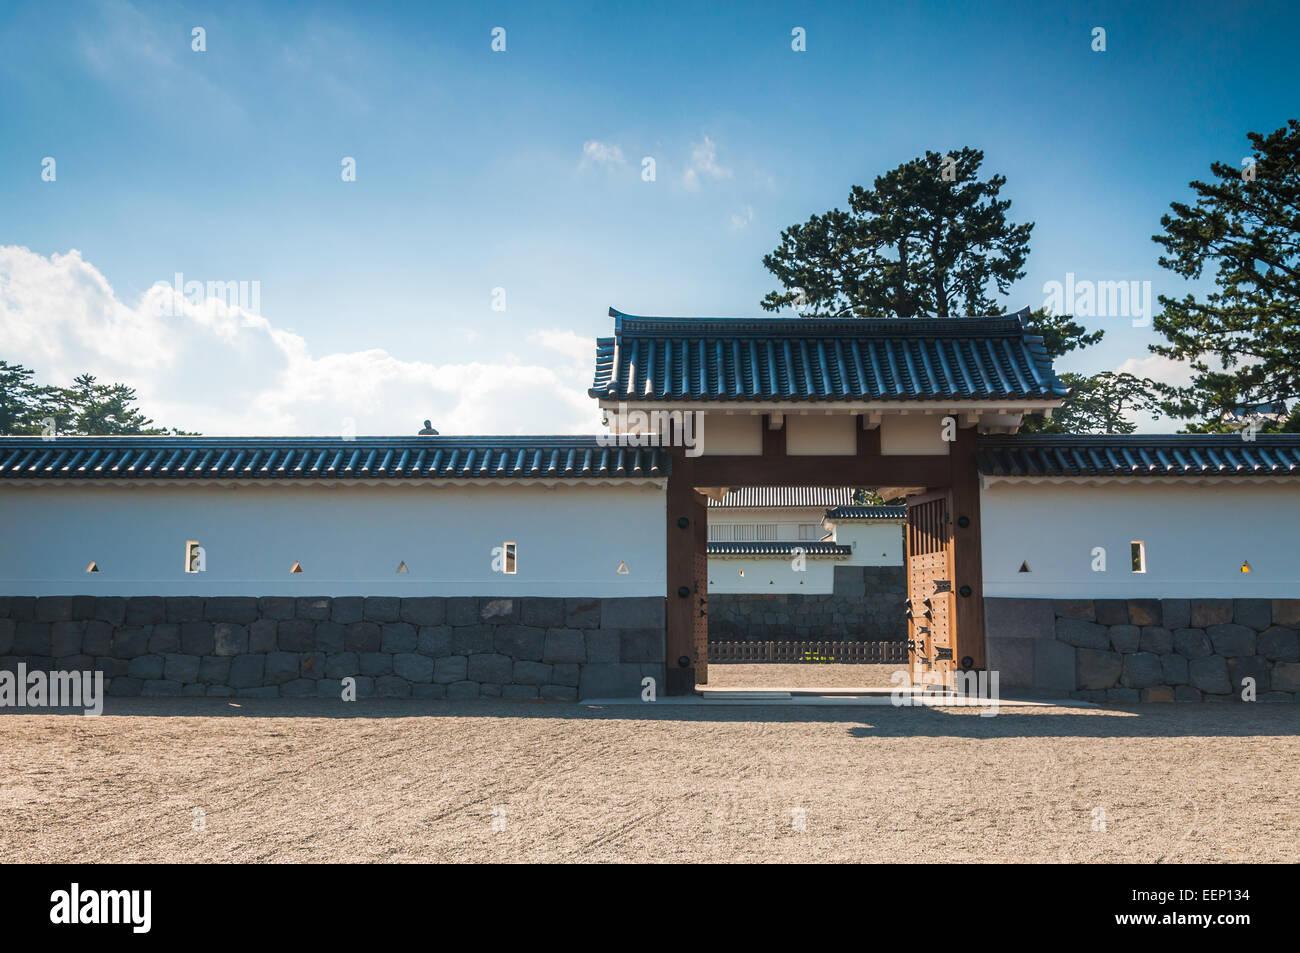 La arquitectura tradicional japonesa en Odawara Castillo en Odawara, Japón. Imagen De Stock